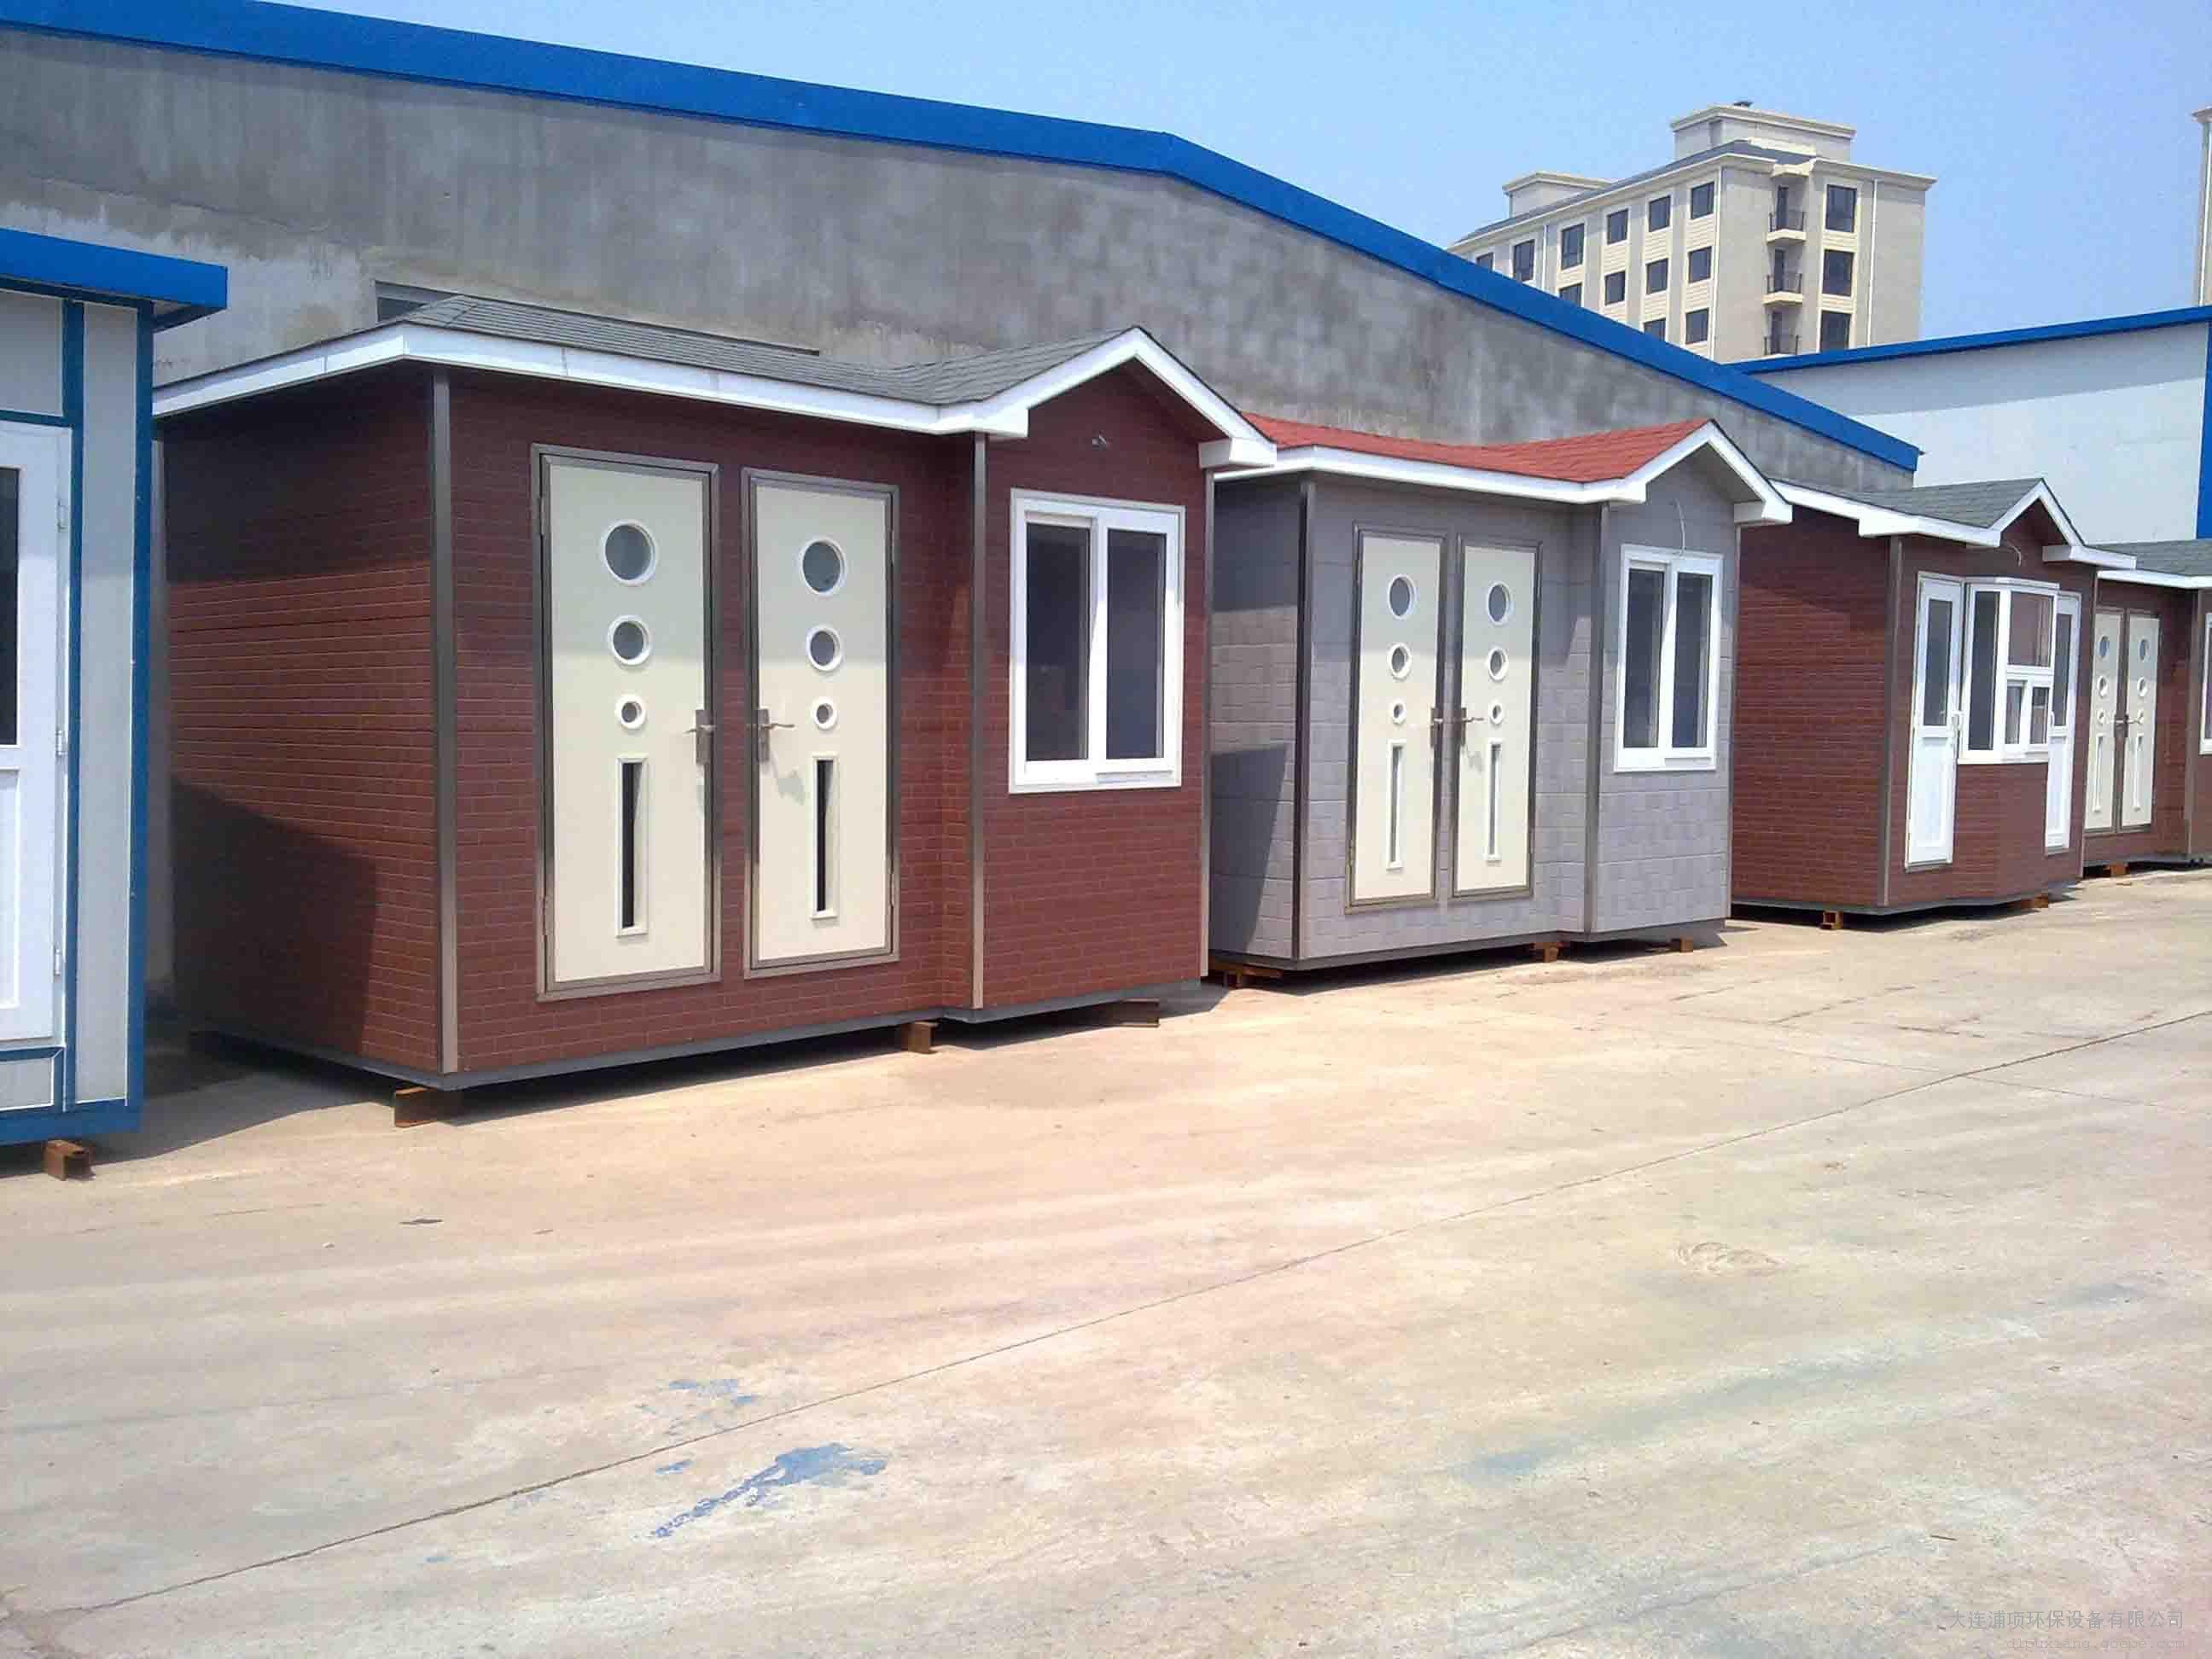 大连厕所厂家 移动厕所工地厕所出租图片 高清大图 谷瀑环保